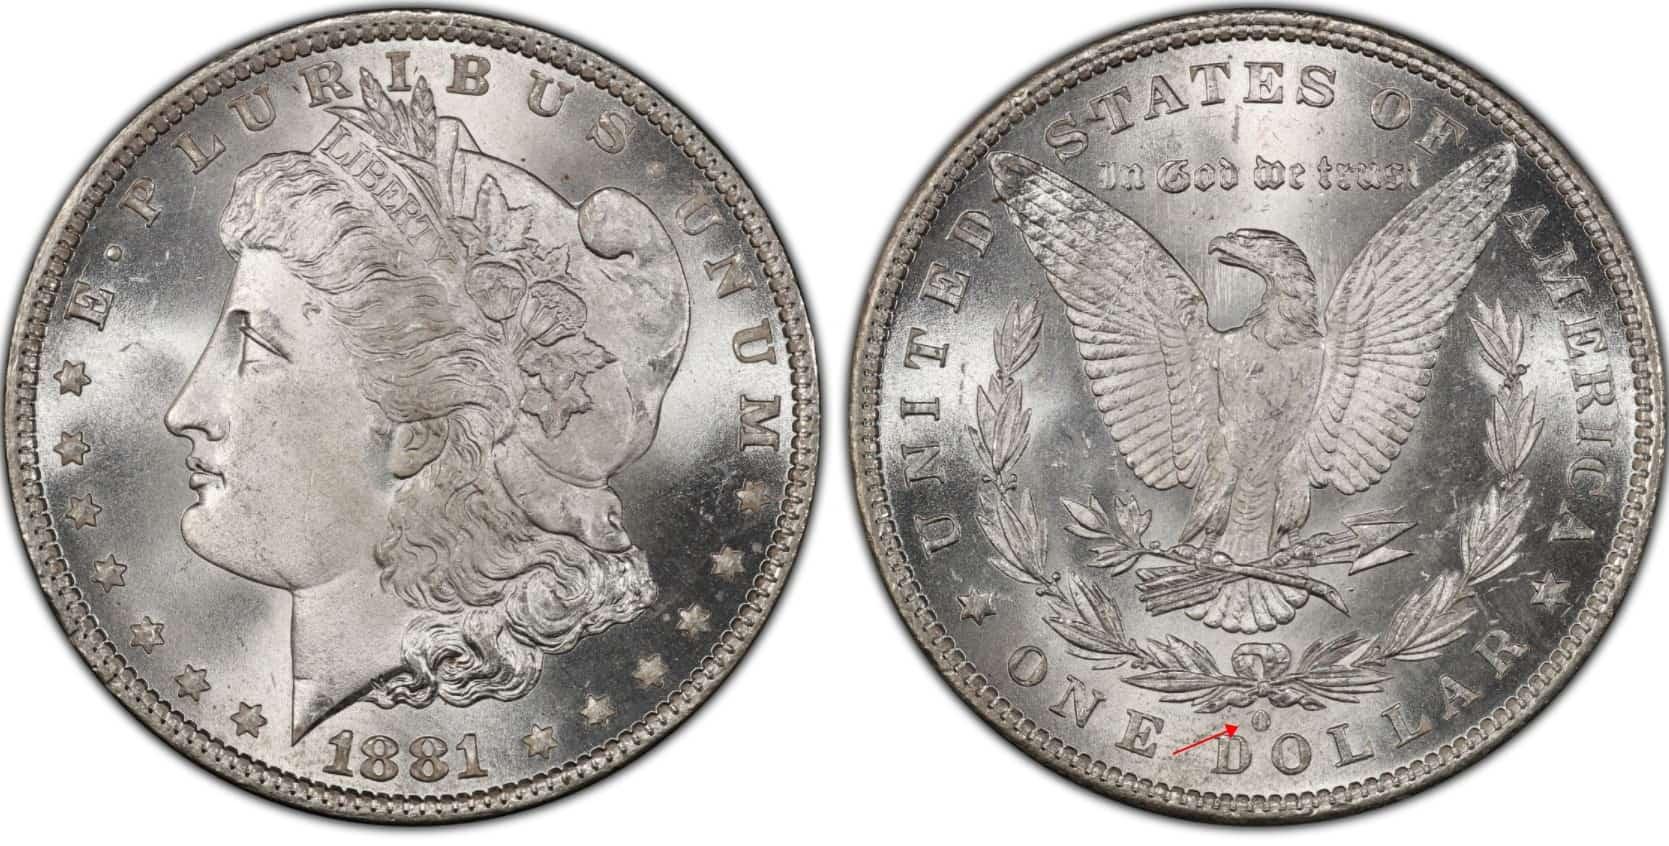 1881 O Morgan silver dollar